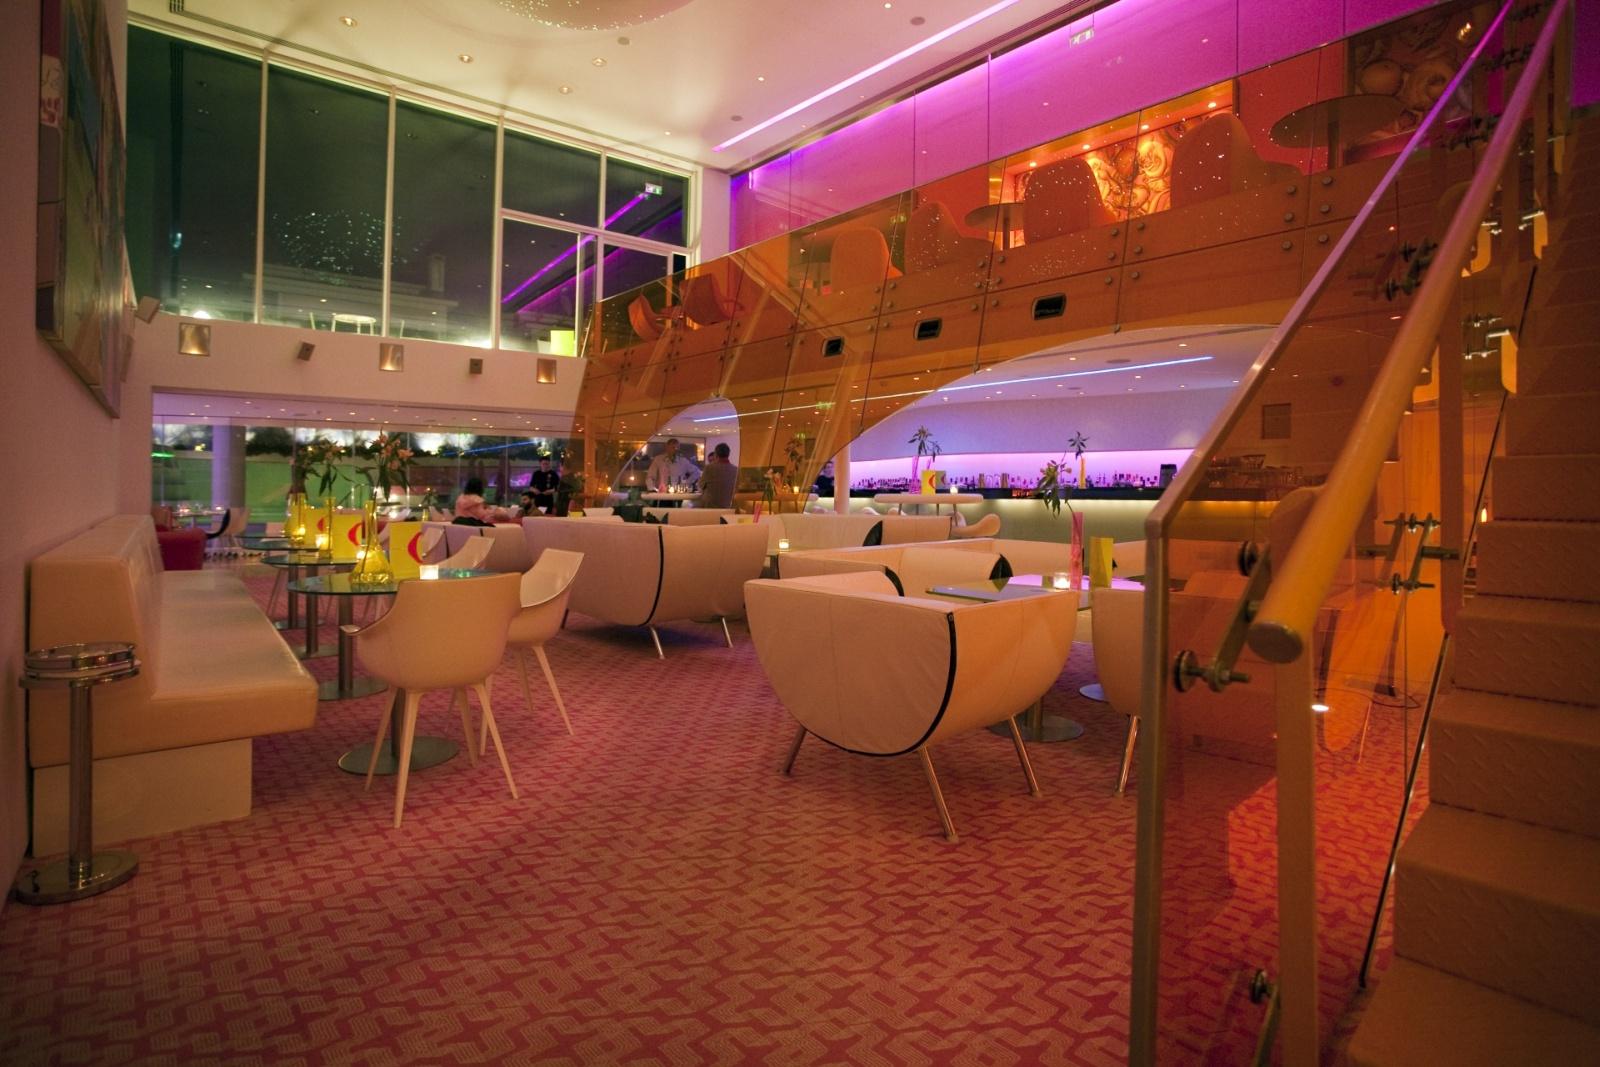 Hotel semiramis - Interior decorator cost per hour ...